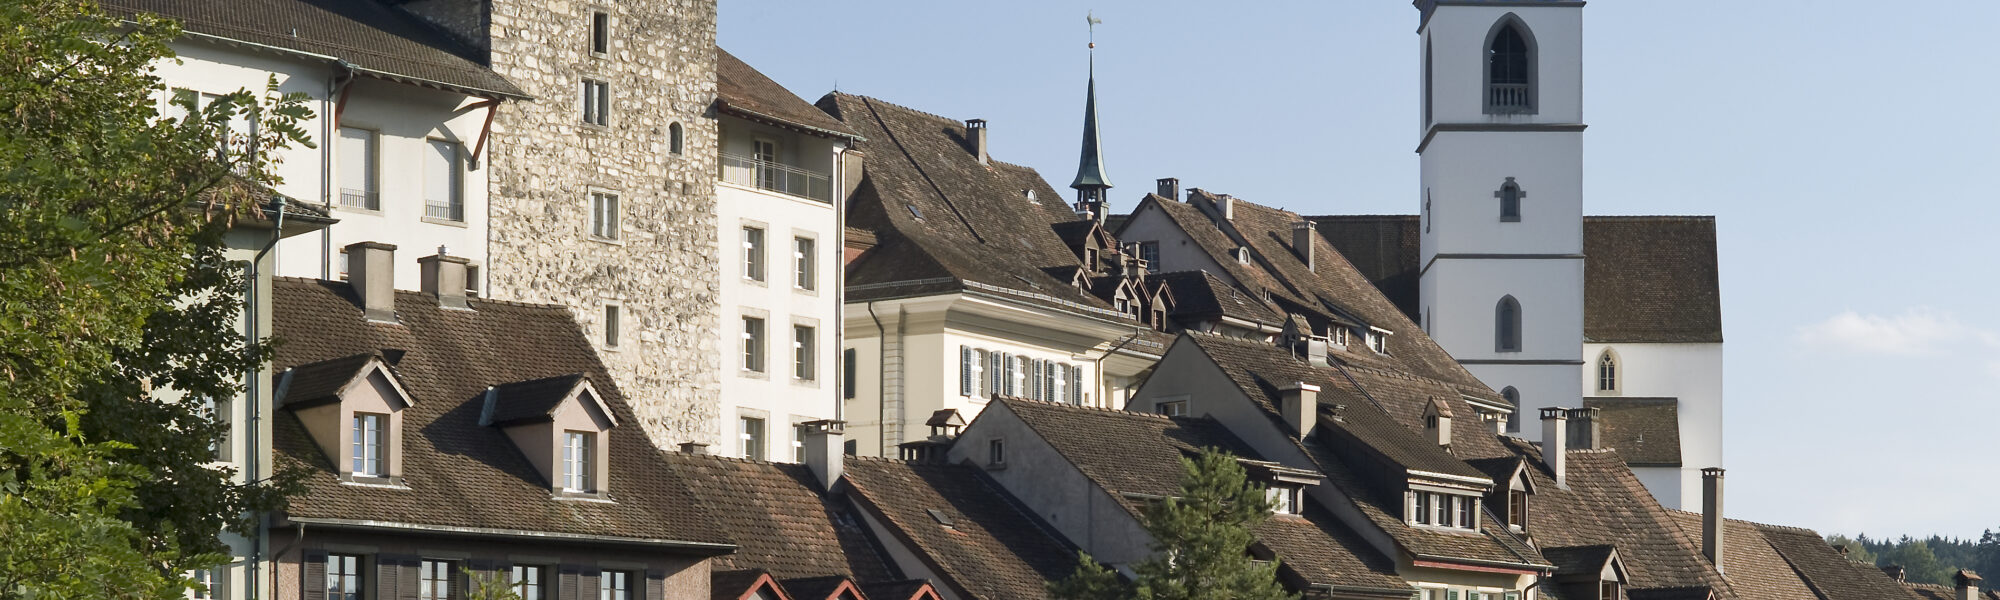 Aarau - die lebenswerte Kleinstadt